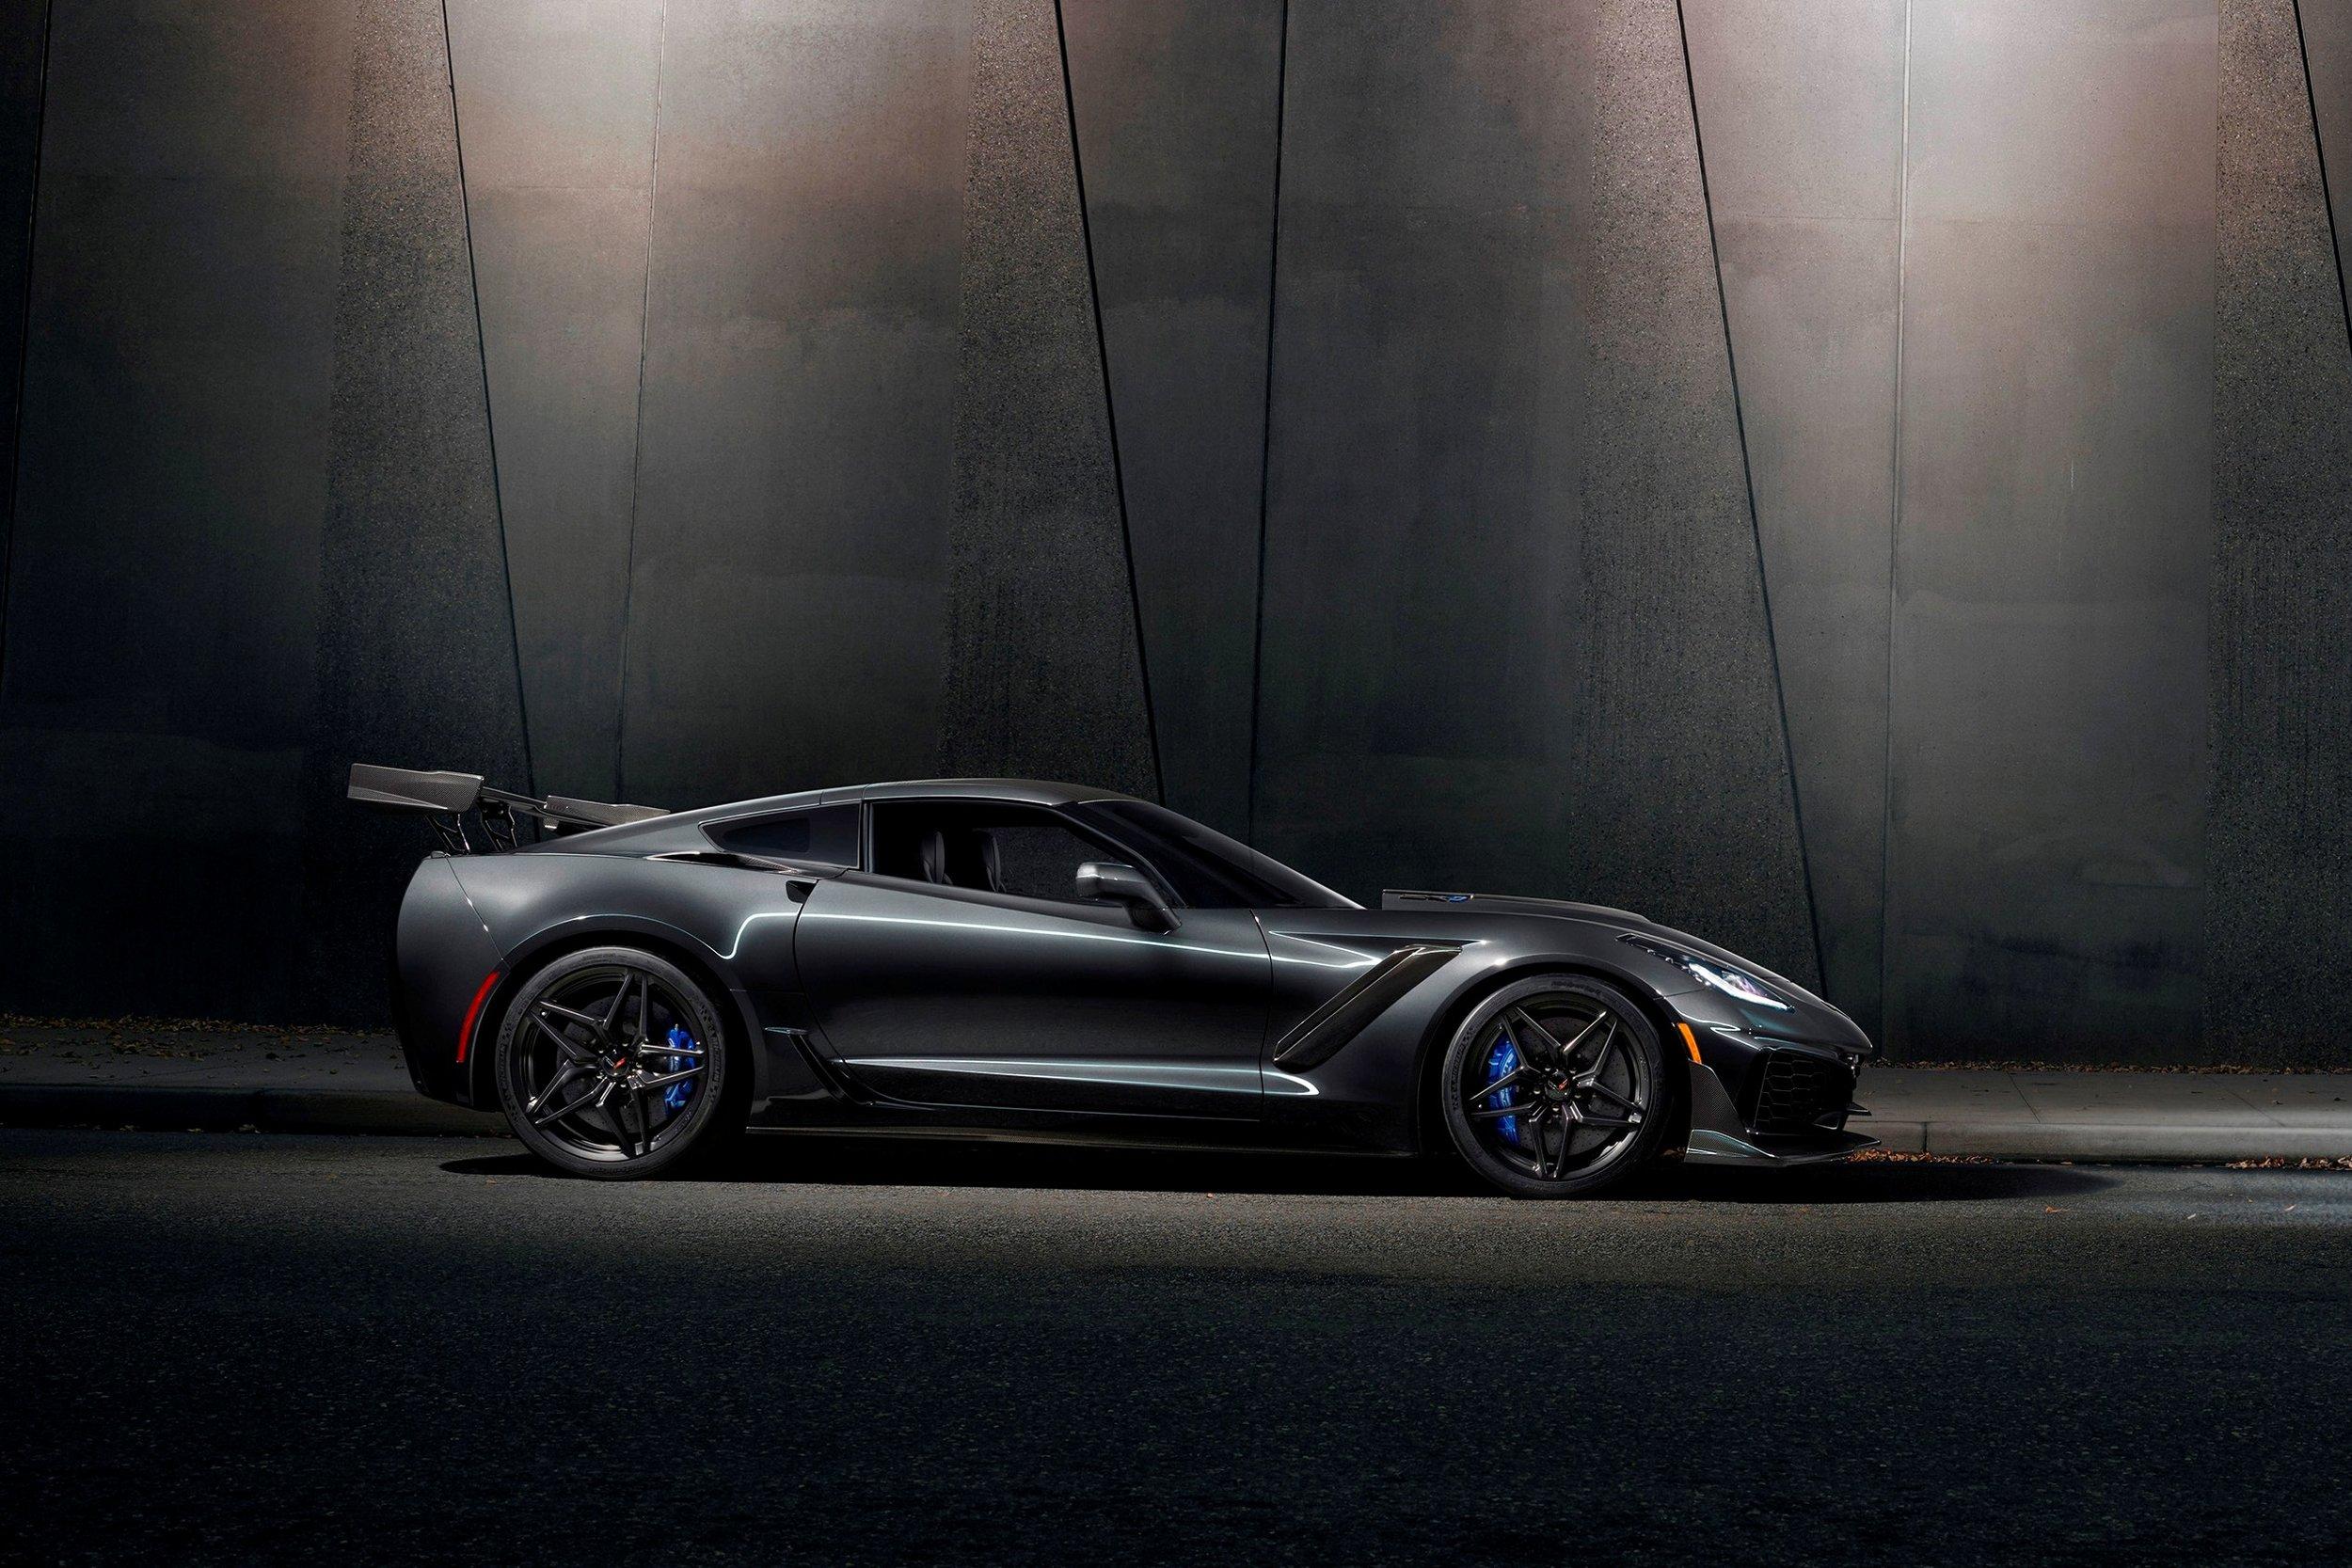 2019-Chevrolet-Corvette-ZR1-BLACKLIST-(17).jpg